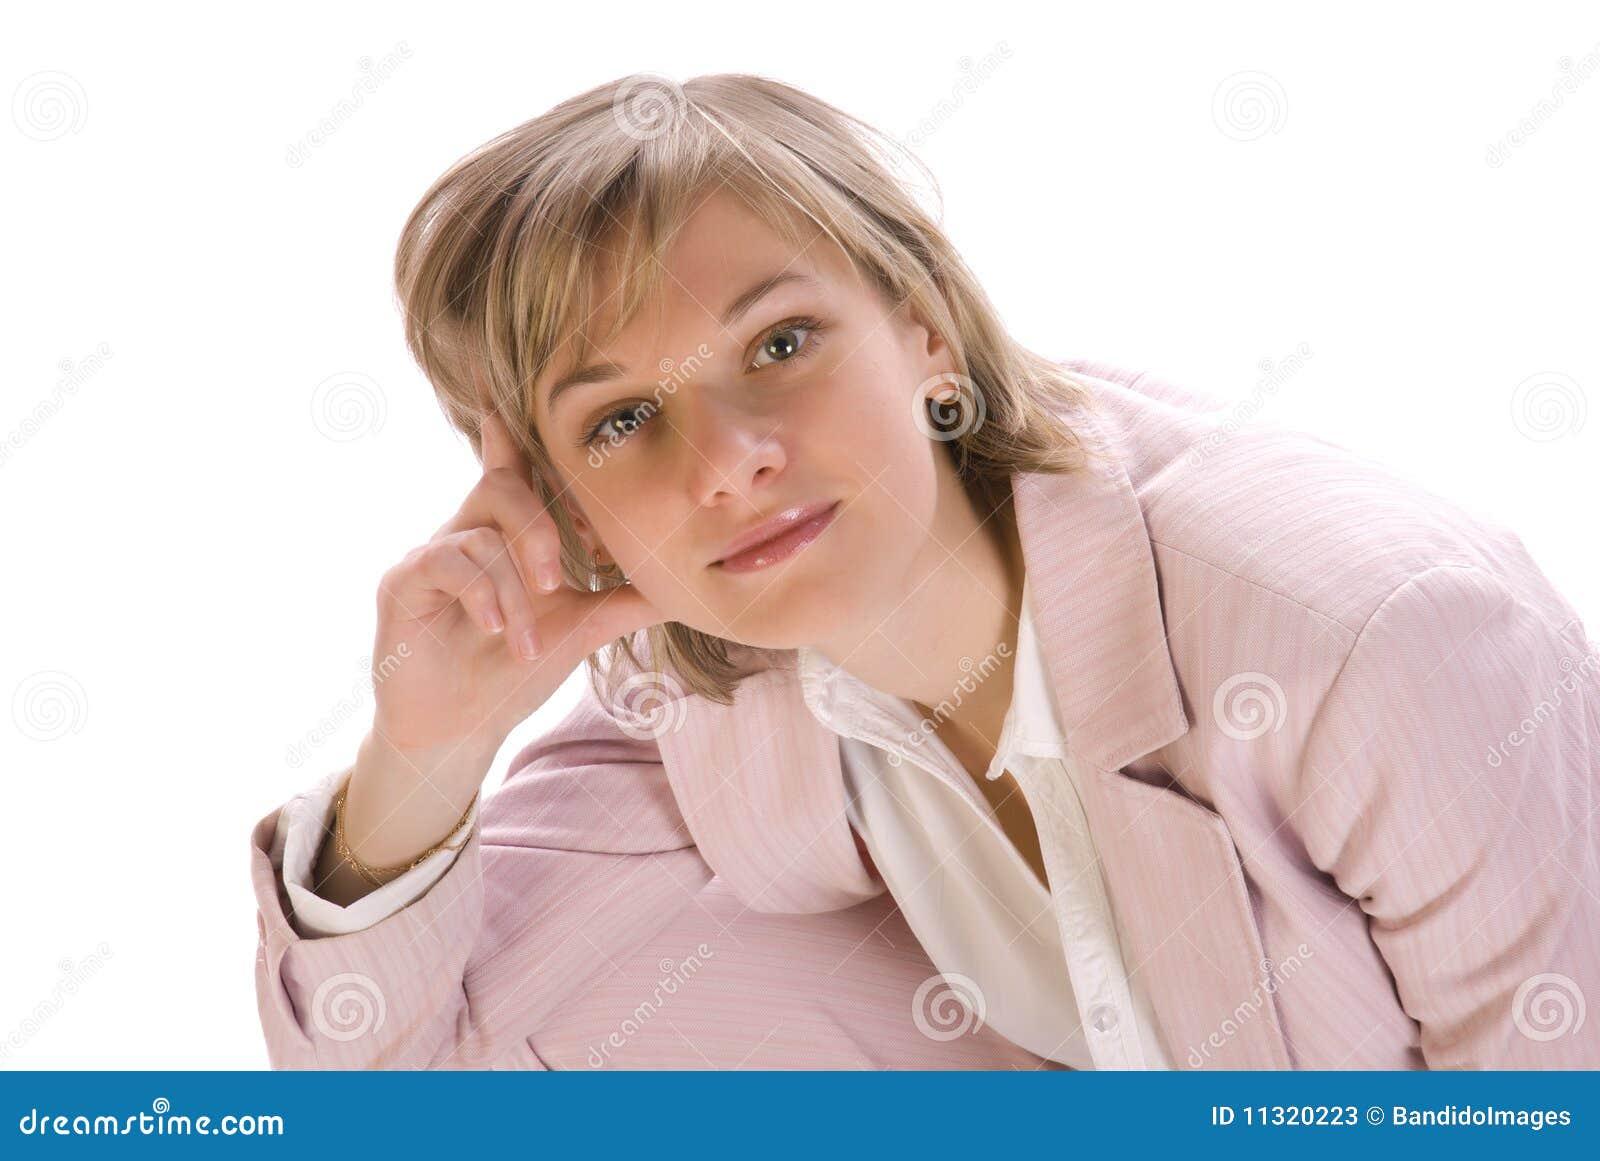 Junge schöne Frau, die ernsthaft schaut